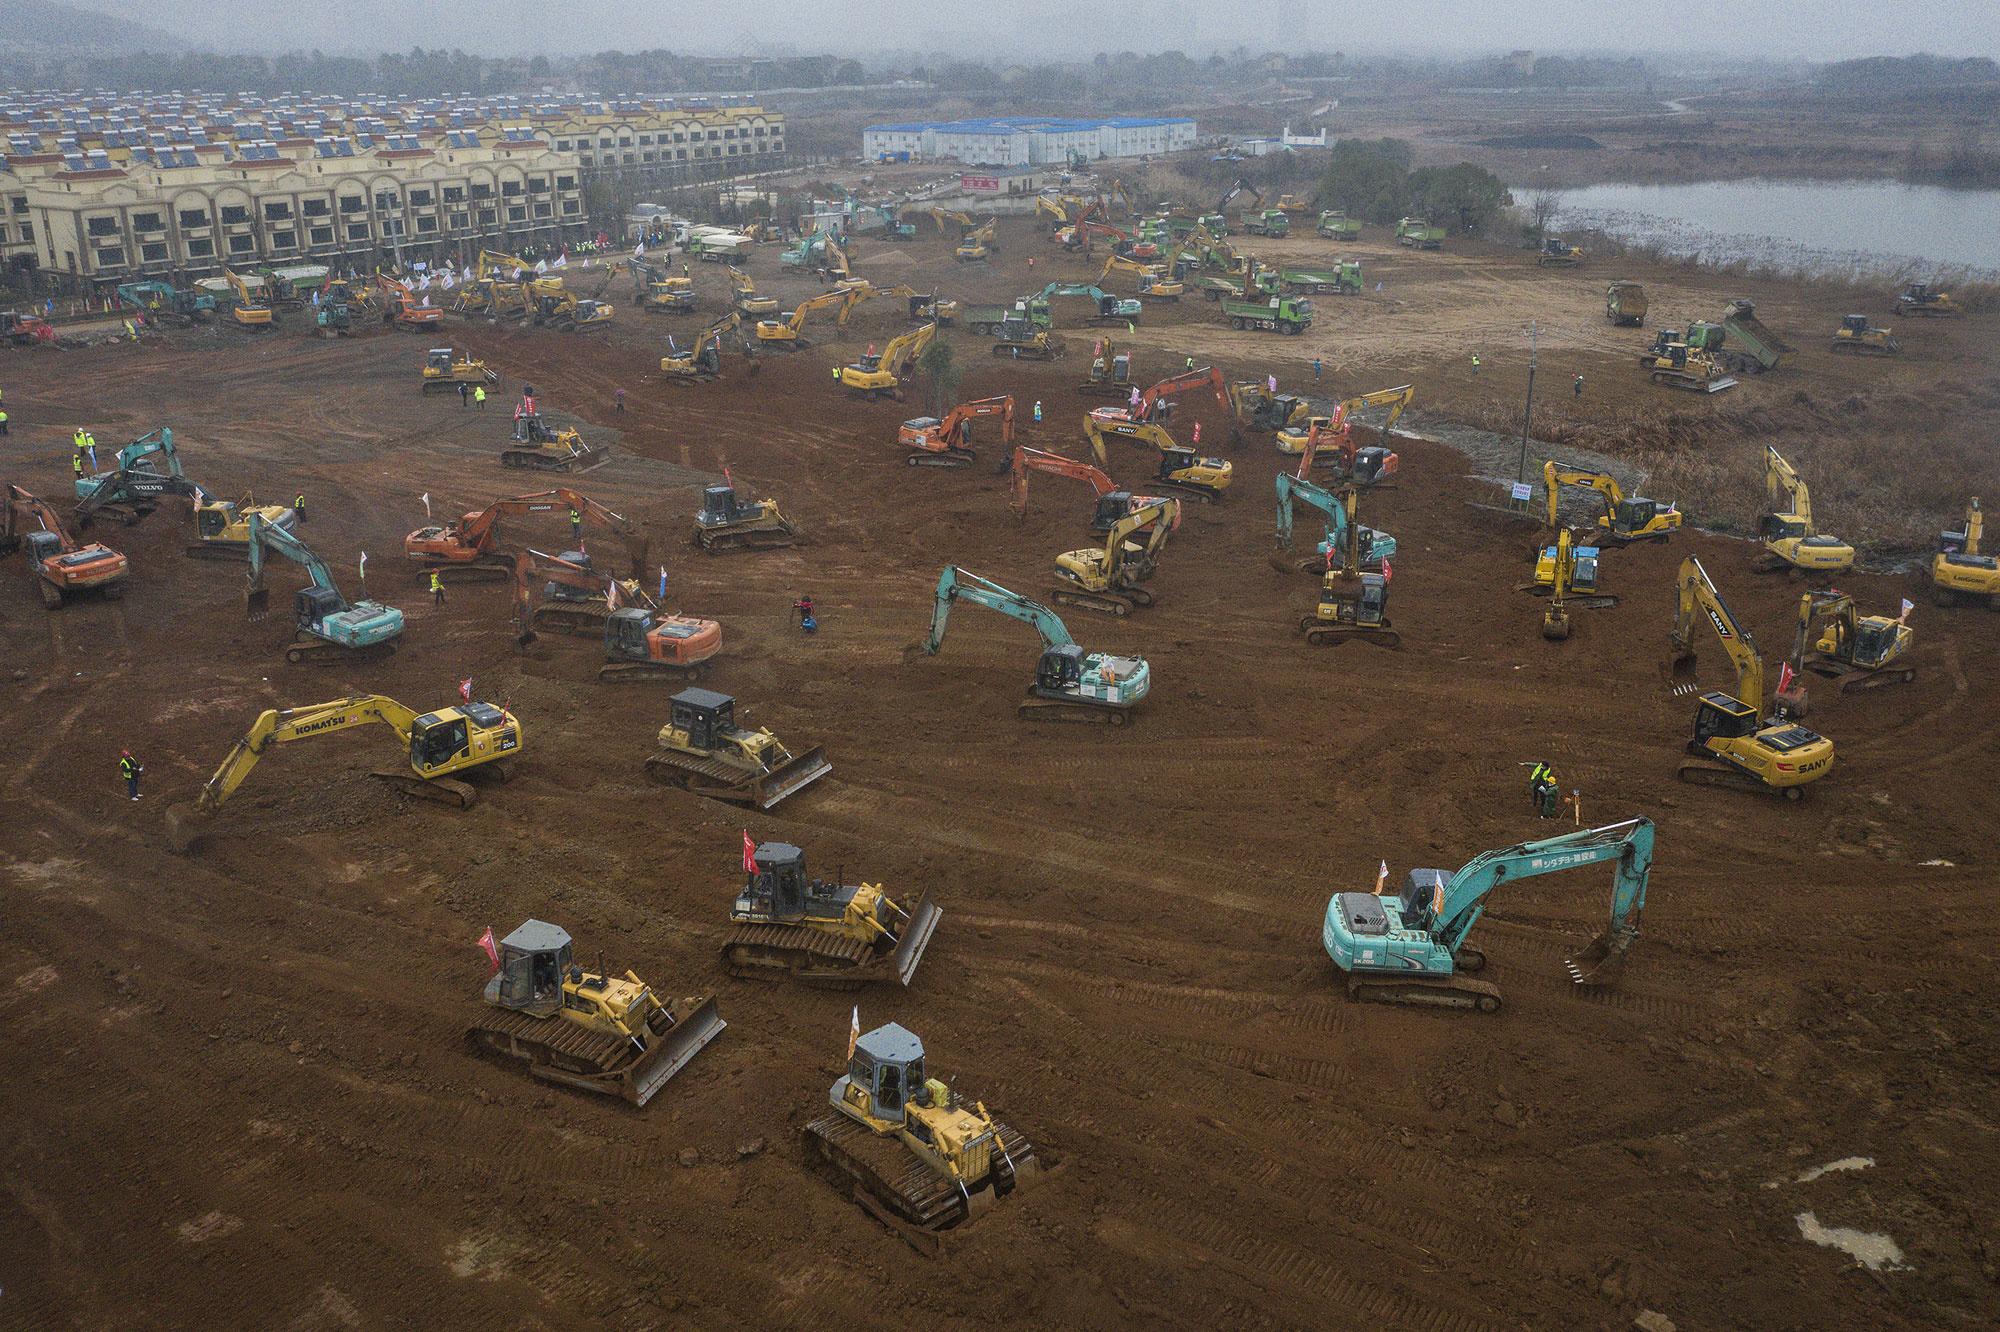 De bouw van het ziekenhuis in Wuhan., getty